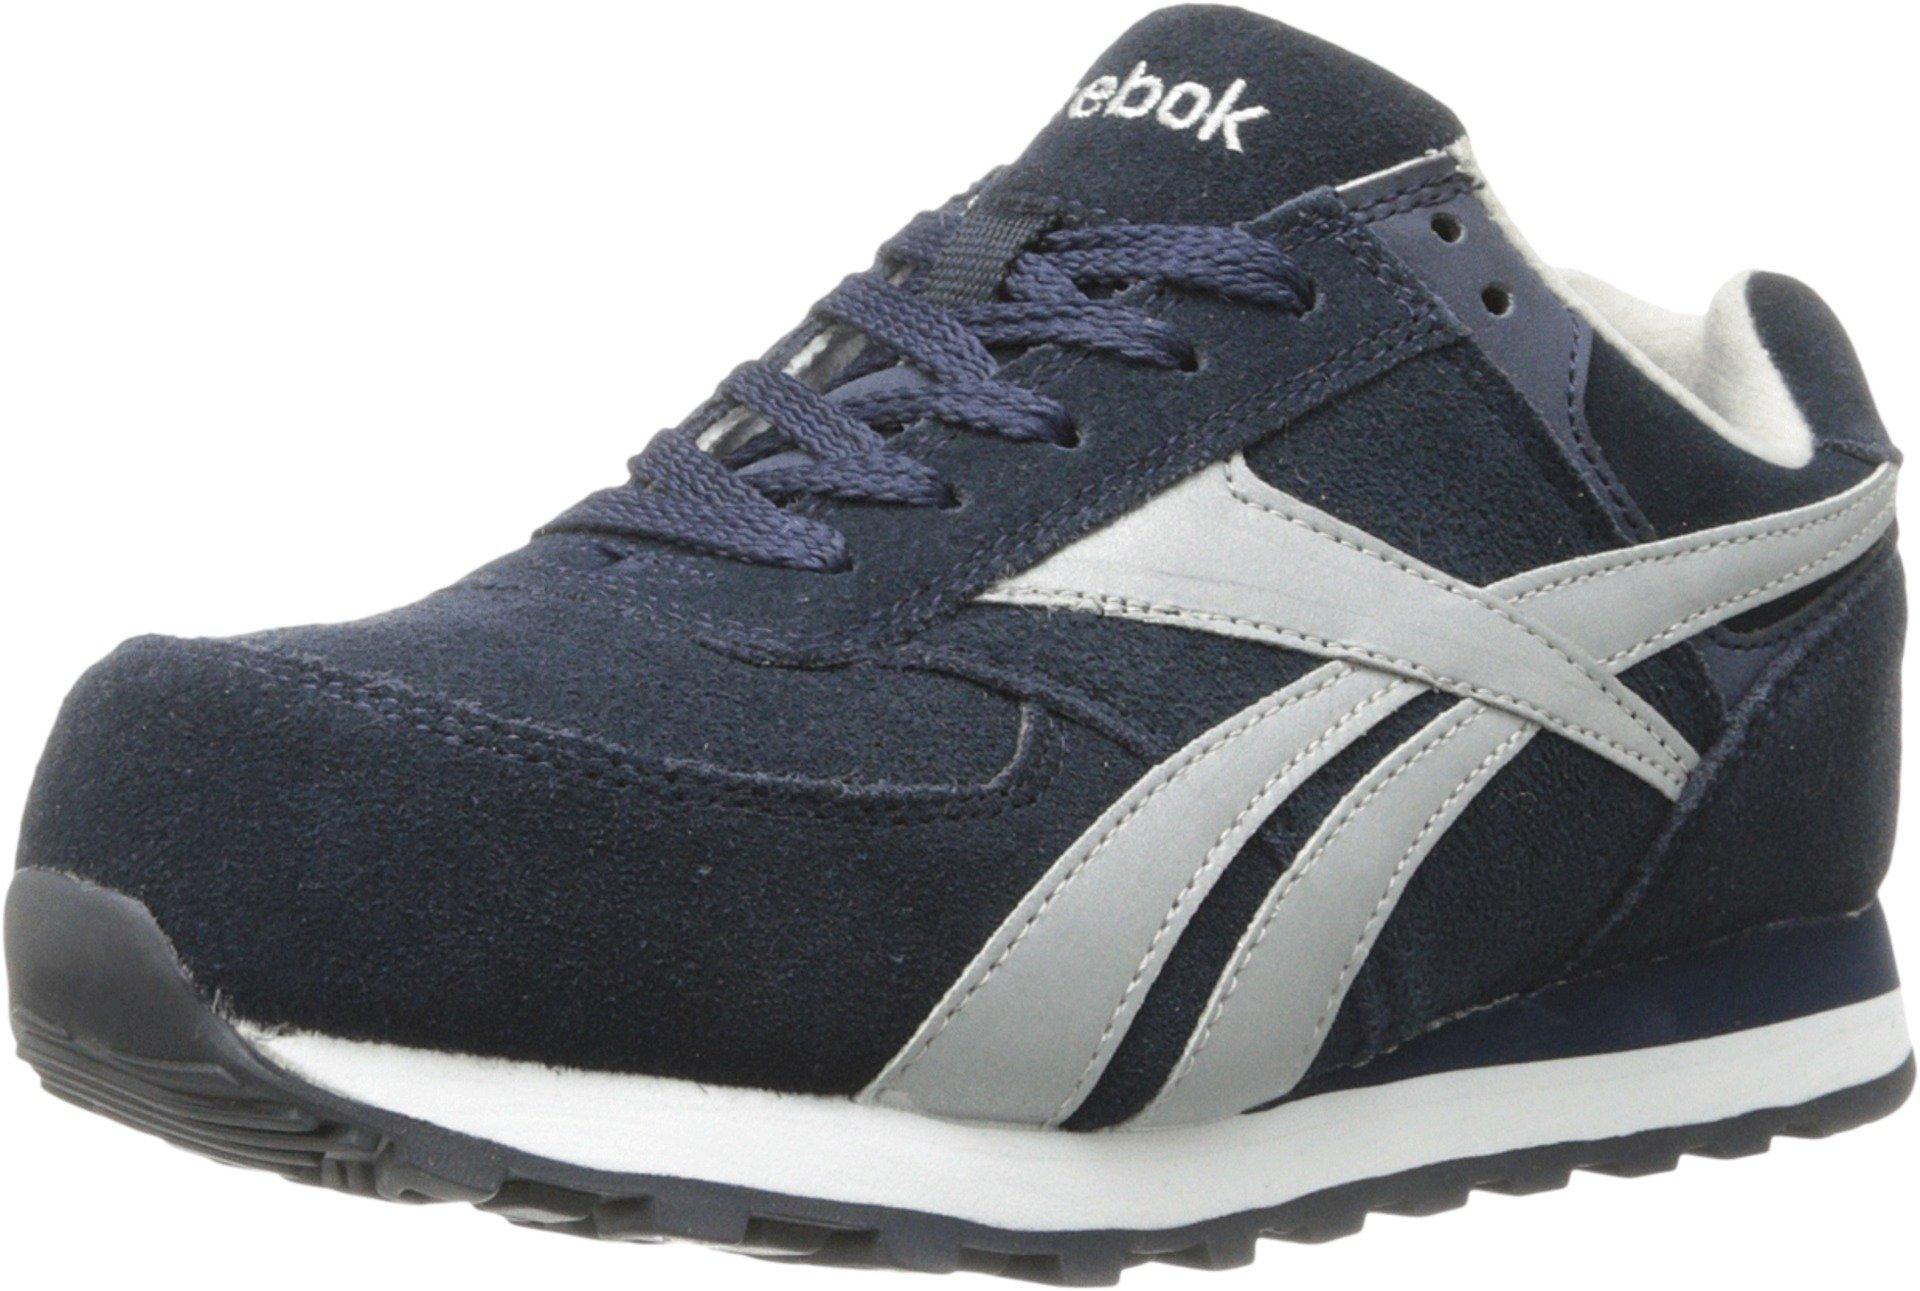 Reebok Work Women's Leelap RB195 Work Shoe,Blue Oxford,7 M US